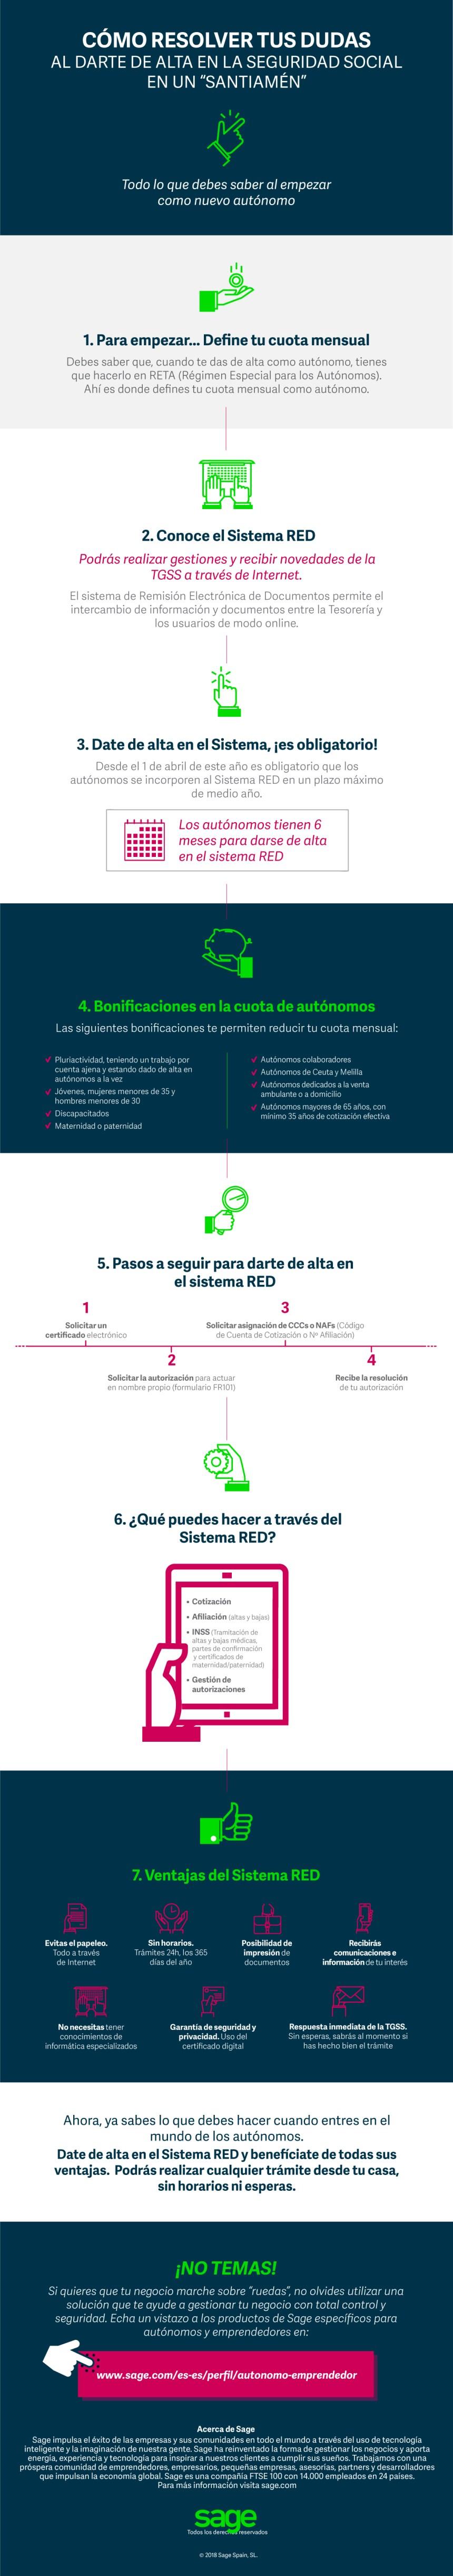 Seguridad Social para autónomos #infografia #infographic